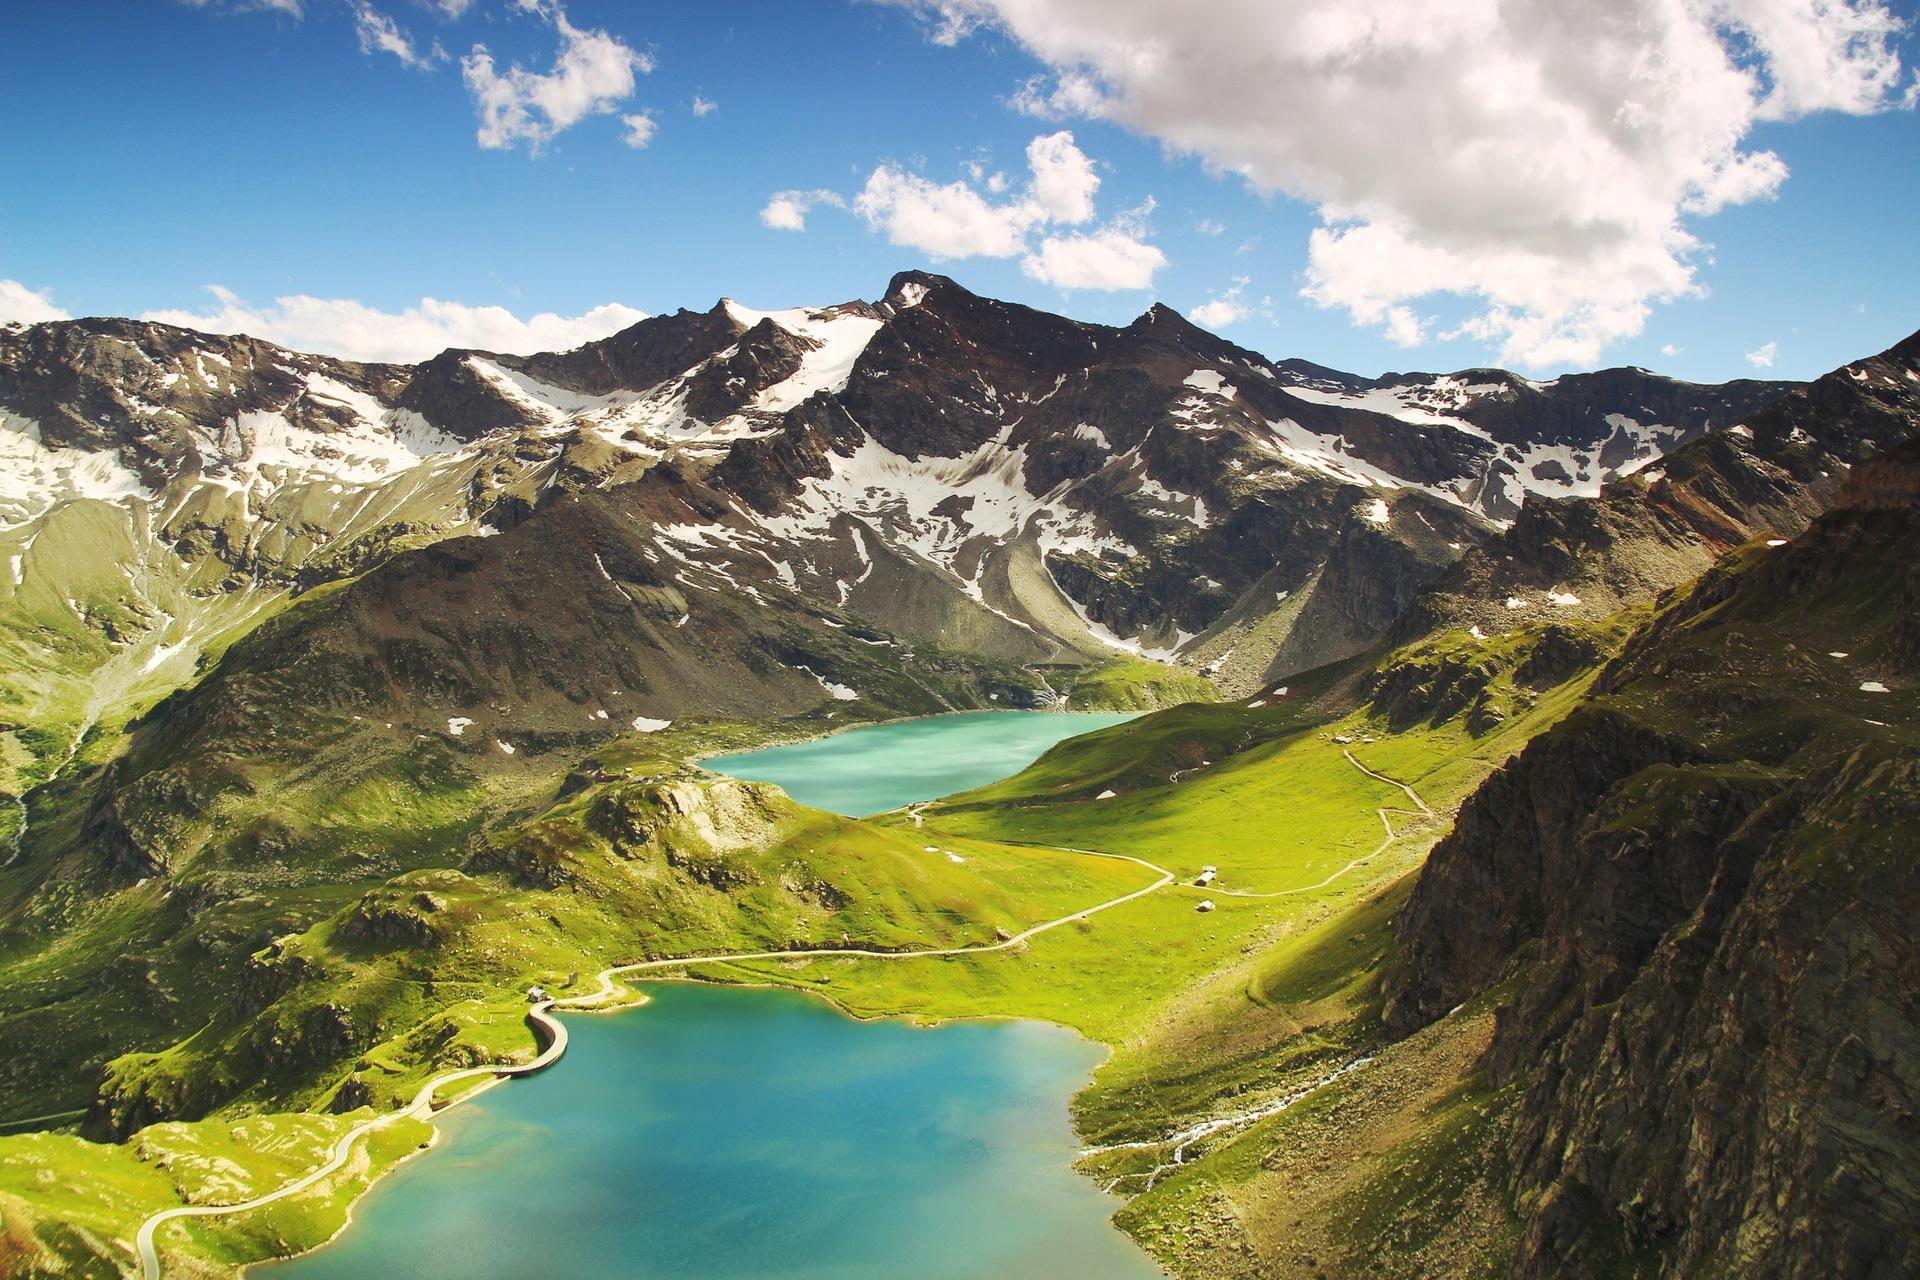 山脉, · 帕德隆, 湖, 雪, 意大利, 景观, 鸟瞰图 - 高清壁纸 - 教授-falken.com